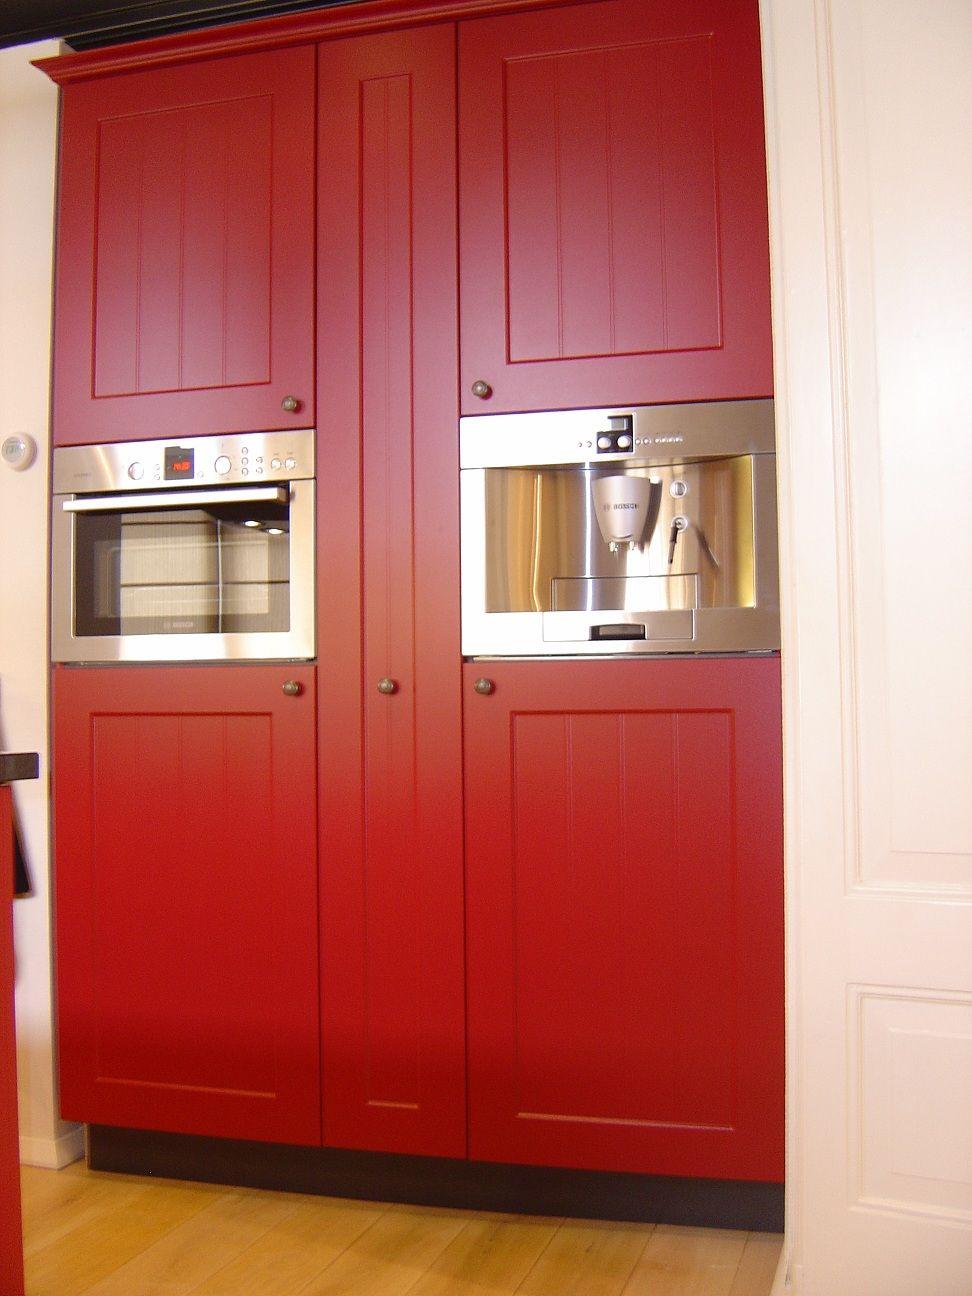 Keuken Rood Zwart : keukens voor zeer lage keuken prijzen Showroomkeuken Ursus rood met